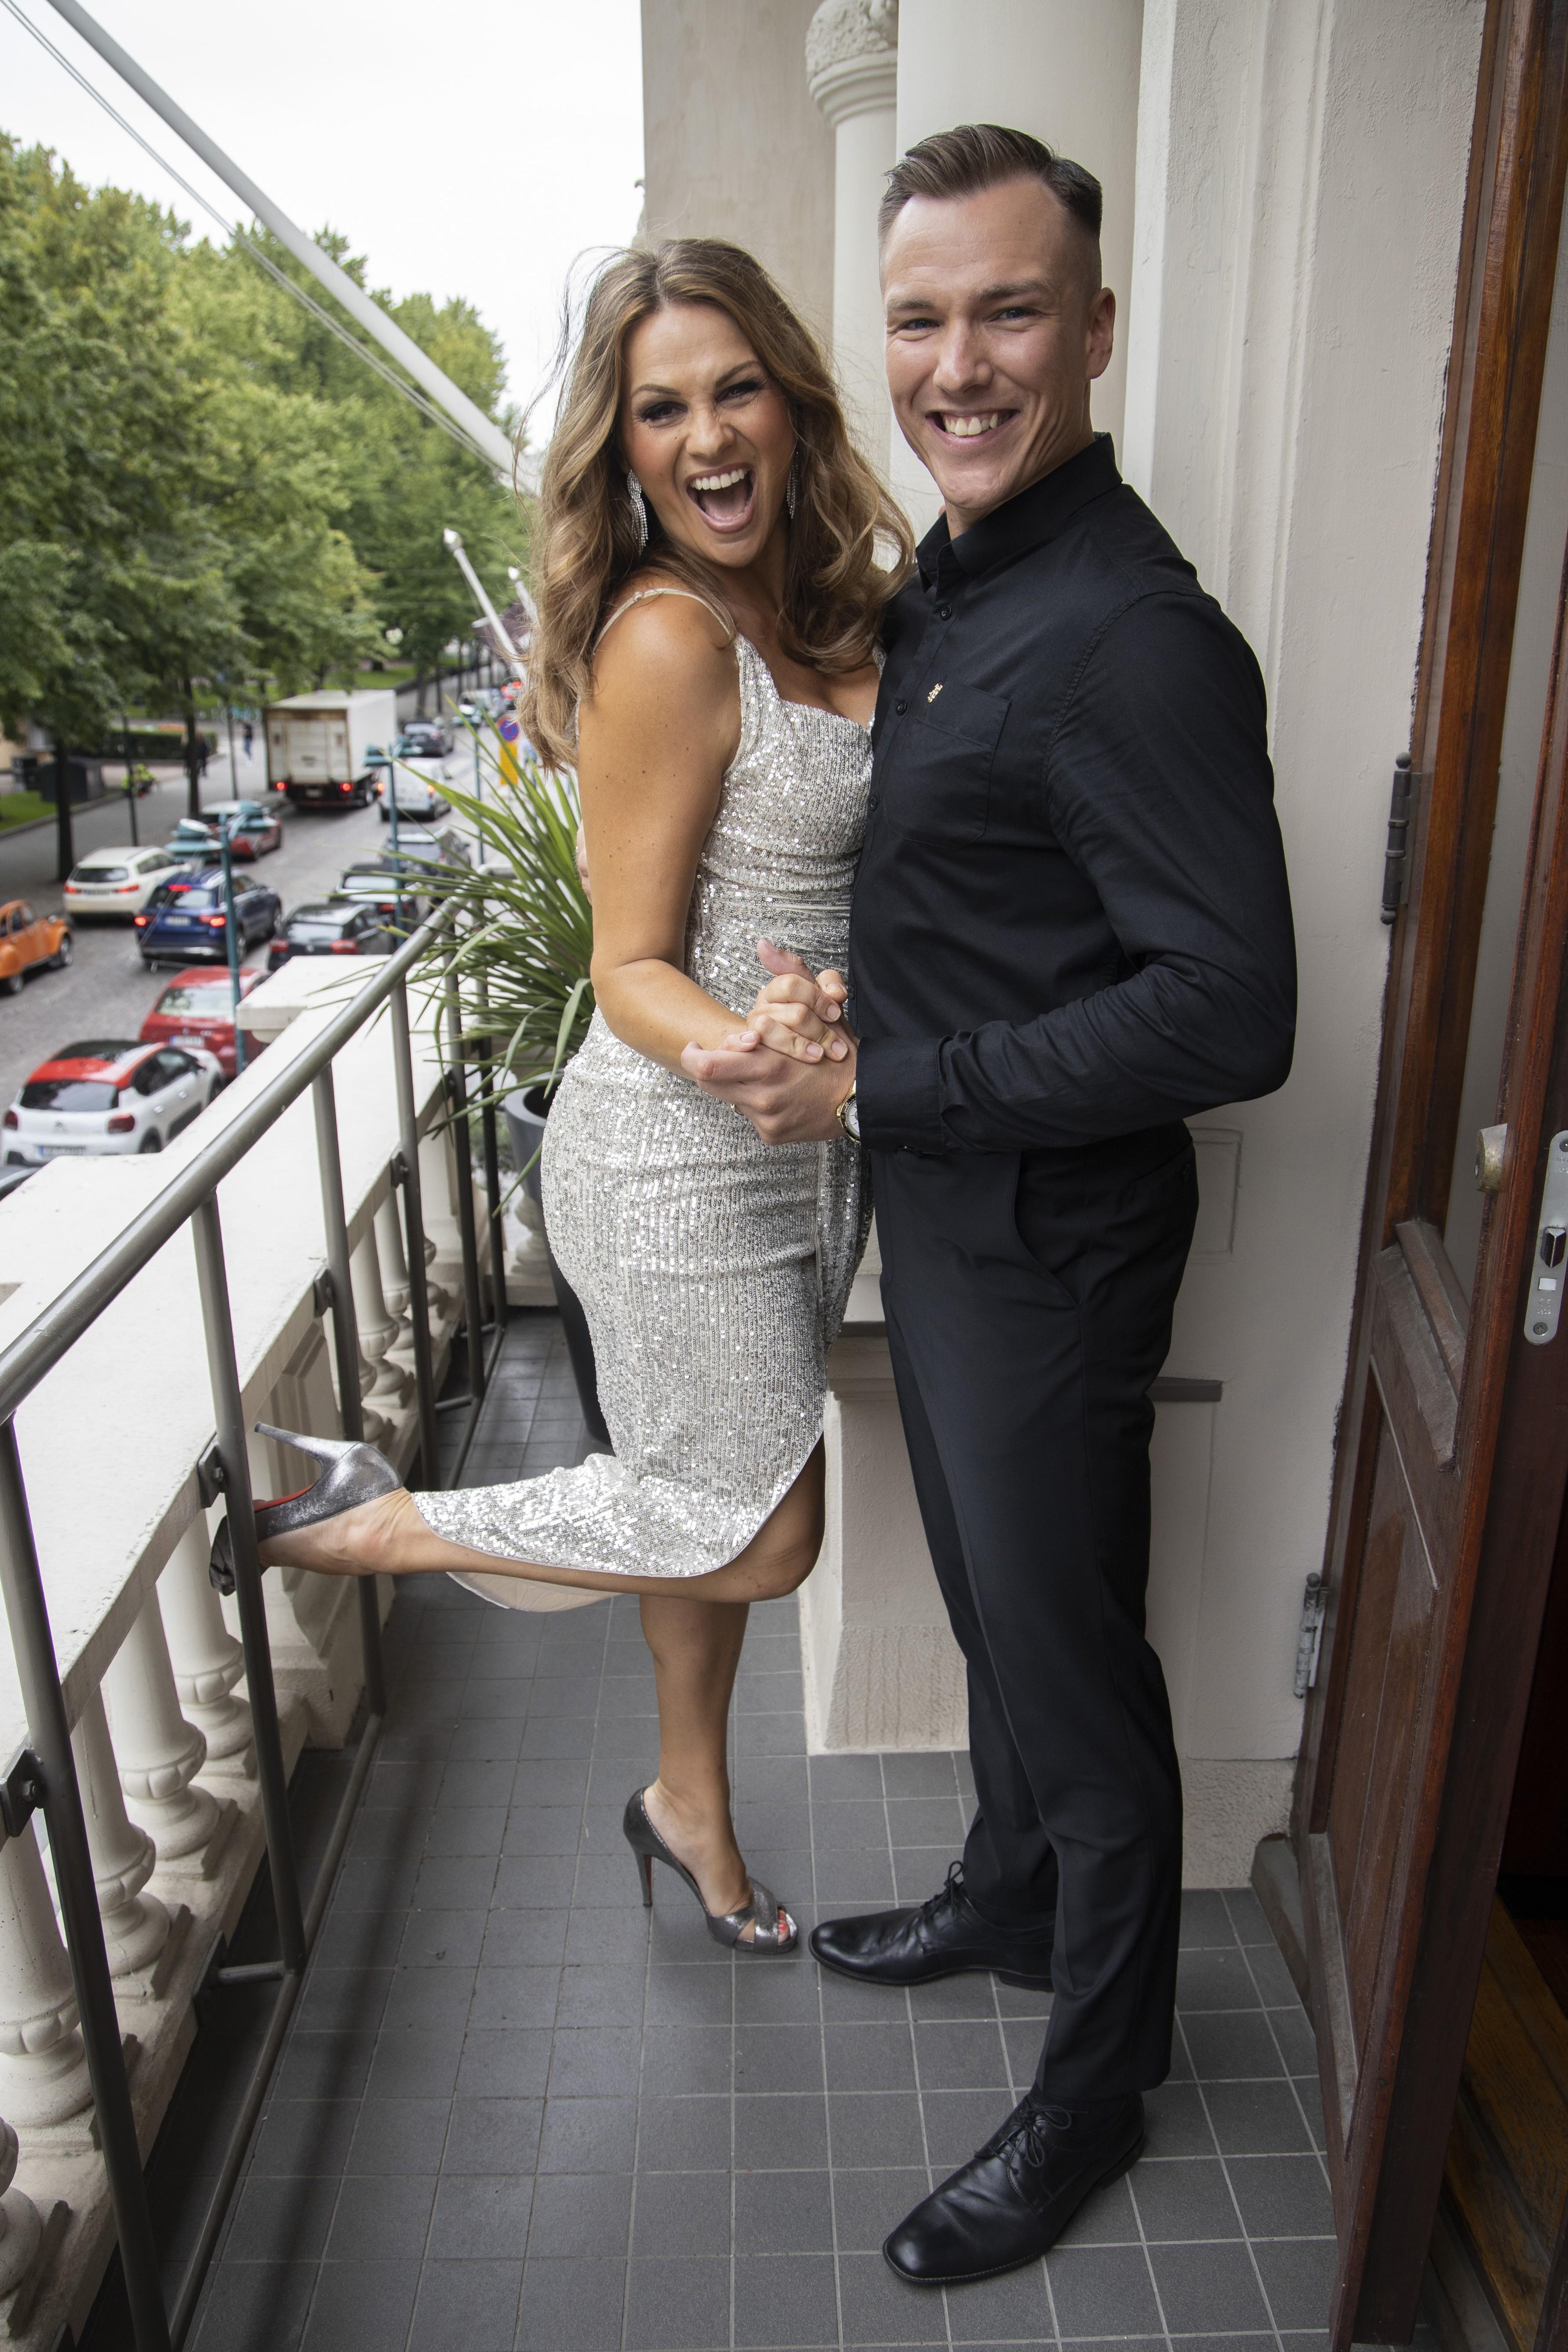 Janina Fry ja Anssi Heikkilä muodostavat näyttävän parin syksyn Tanssii tähtien kanssa -viihdespektaakkelissa.